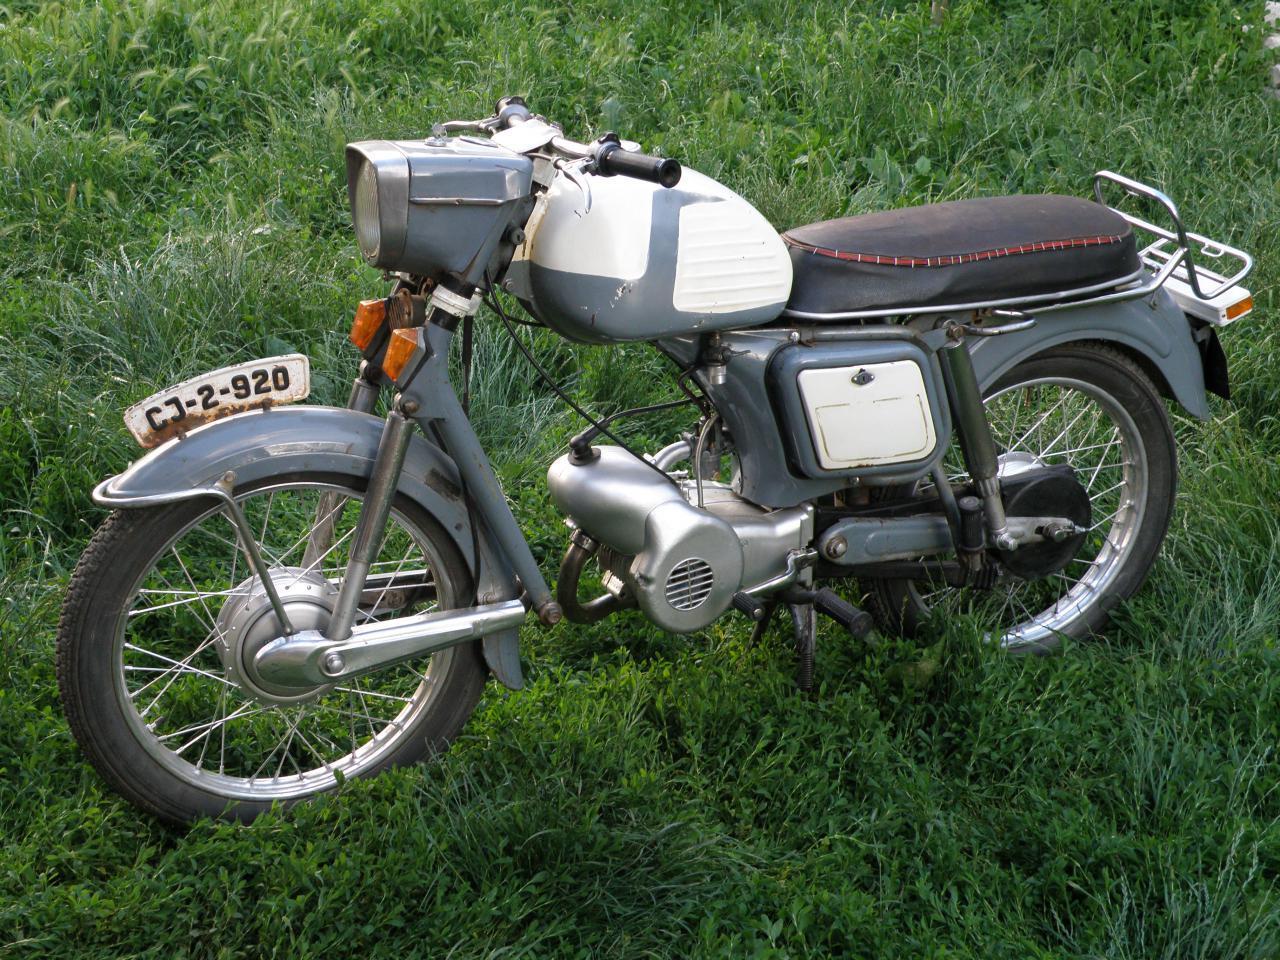 Istoria motocicletelor fabricate in Romania: de la IMS, la Mobra - Istoria motocicletelor fabricate in Romania: de la IMS, la Mobra